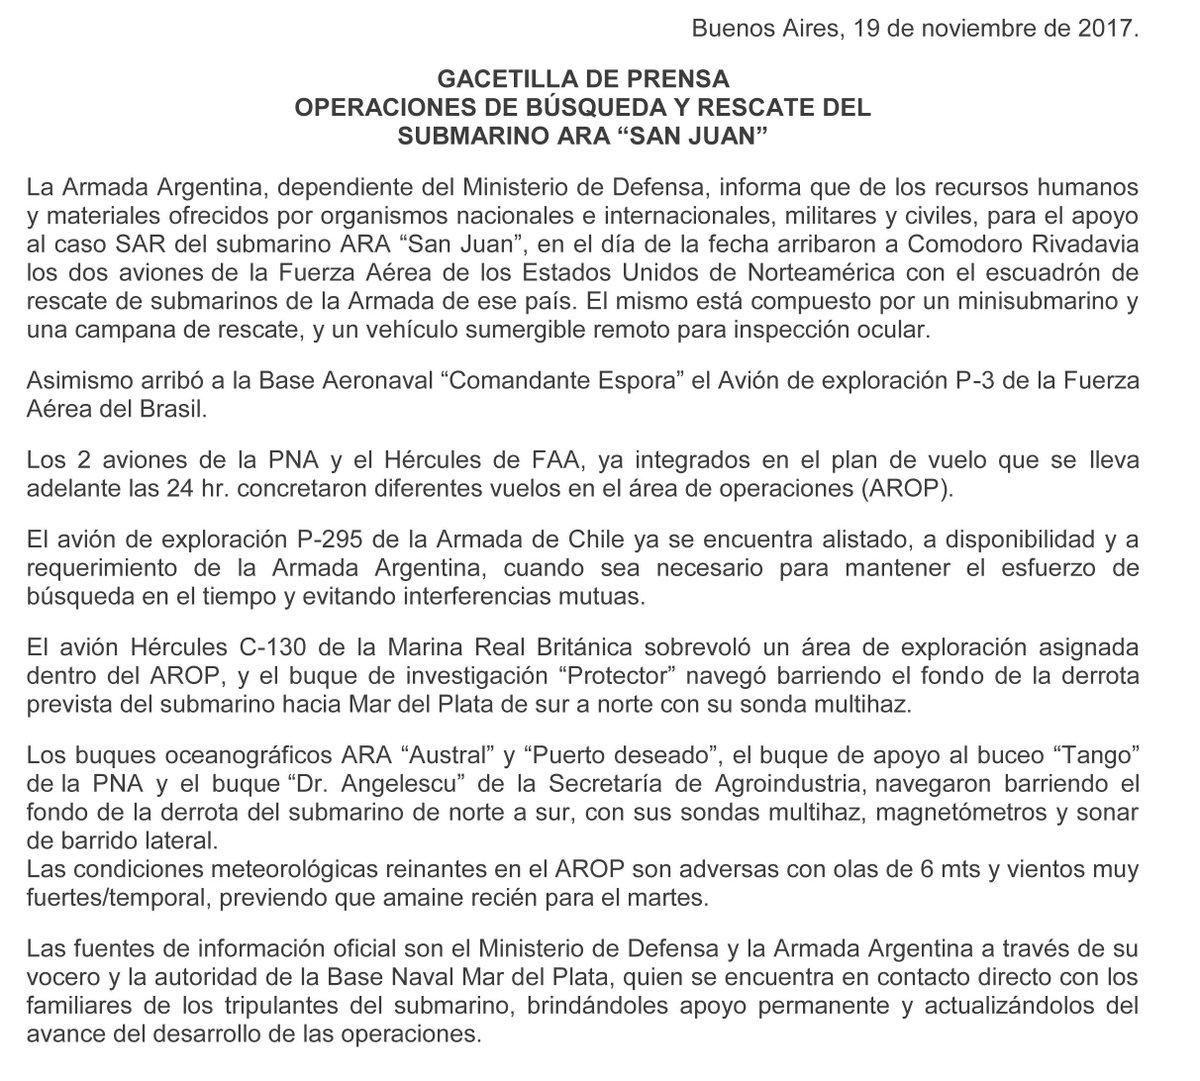 Ara San Juan, el ahora olvidado submarino Argentino desaparecido con 44 tripulantes a bordo DPCmFgfXUAU0Hyw